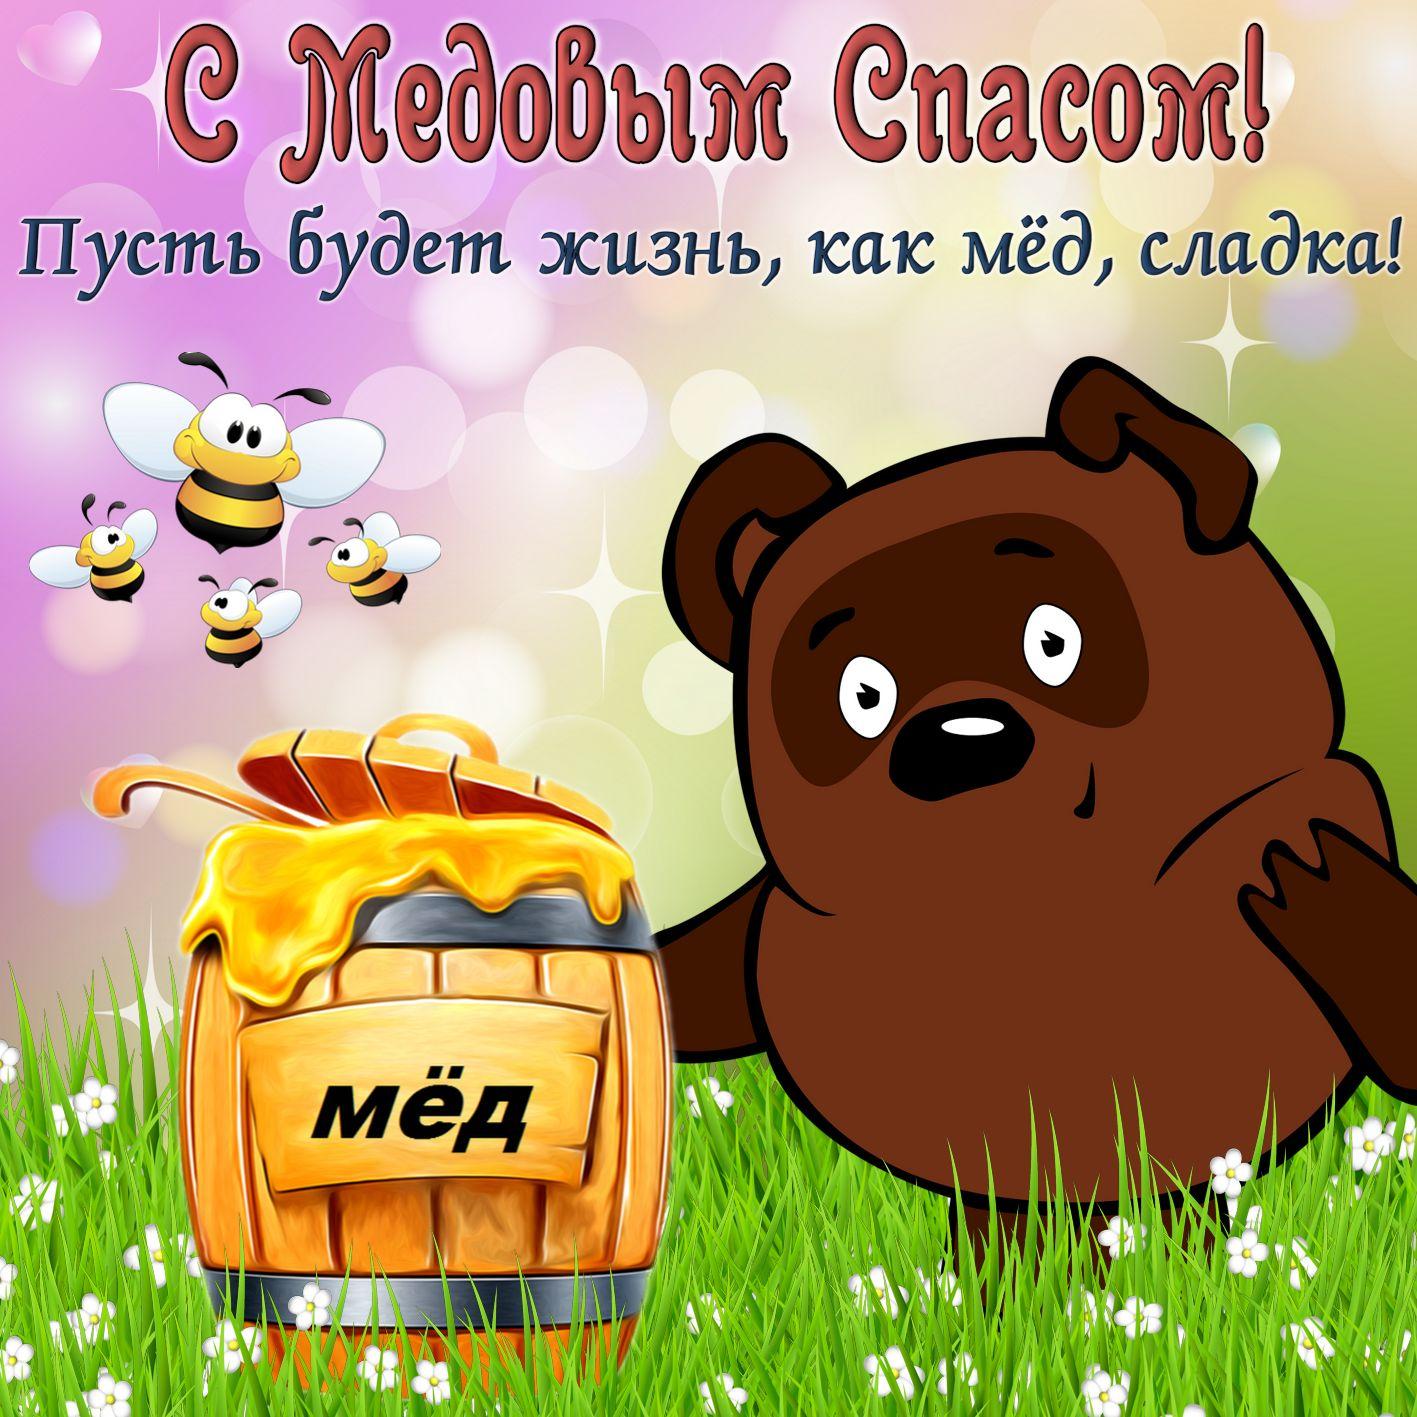 Открытка на Медовый Спас - Винни-пух с медом и пчелами